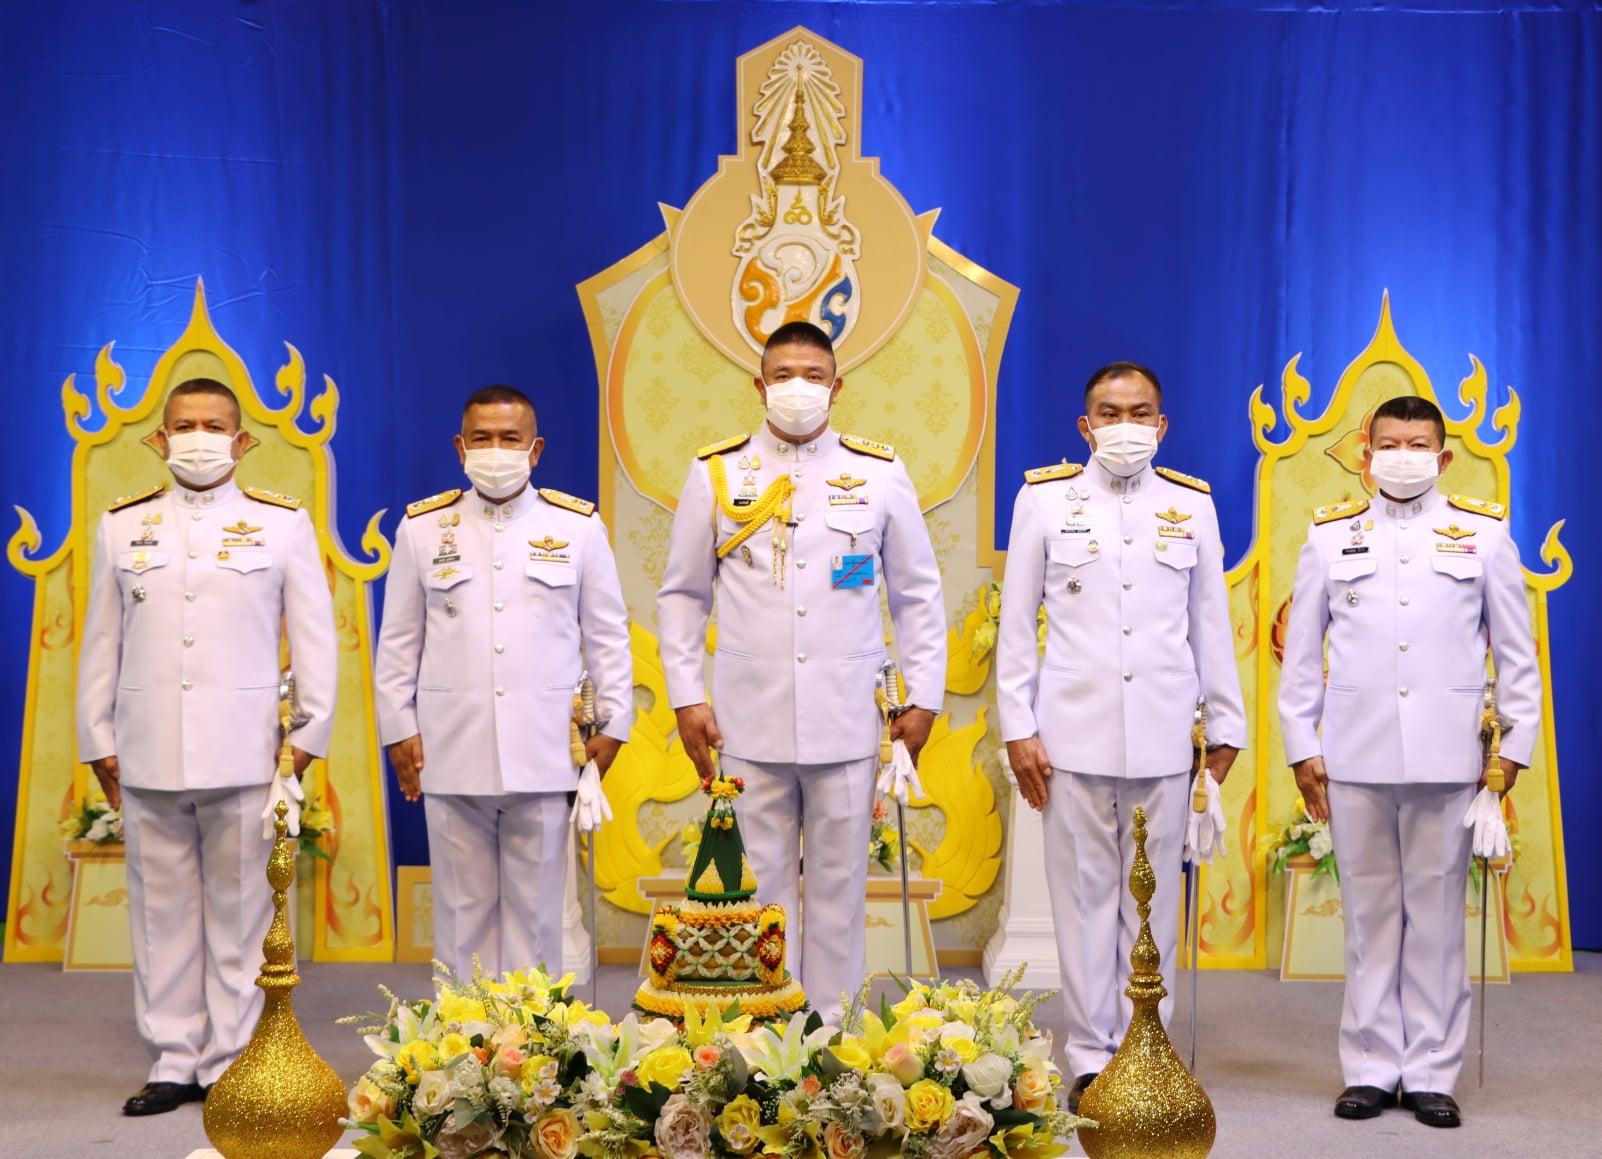 พล.ต.ท.รณศิลป์ ภู่สาระ ผบช.ภ.9 ร่วมบันทึกเทปถวายพระพรชัยมงคล พระบาทสมเด็จพระปรเมนทรรามาธิบดีศรีสินทรมหาวชิราลงกรณฯ